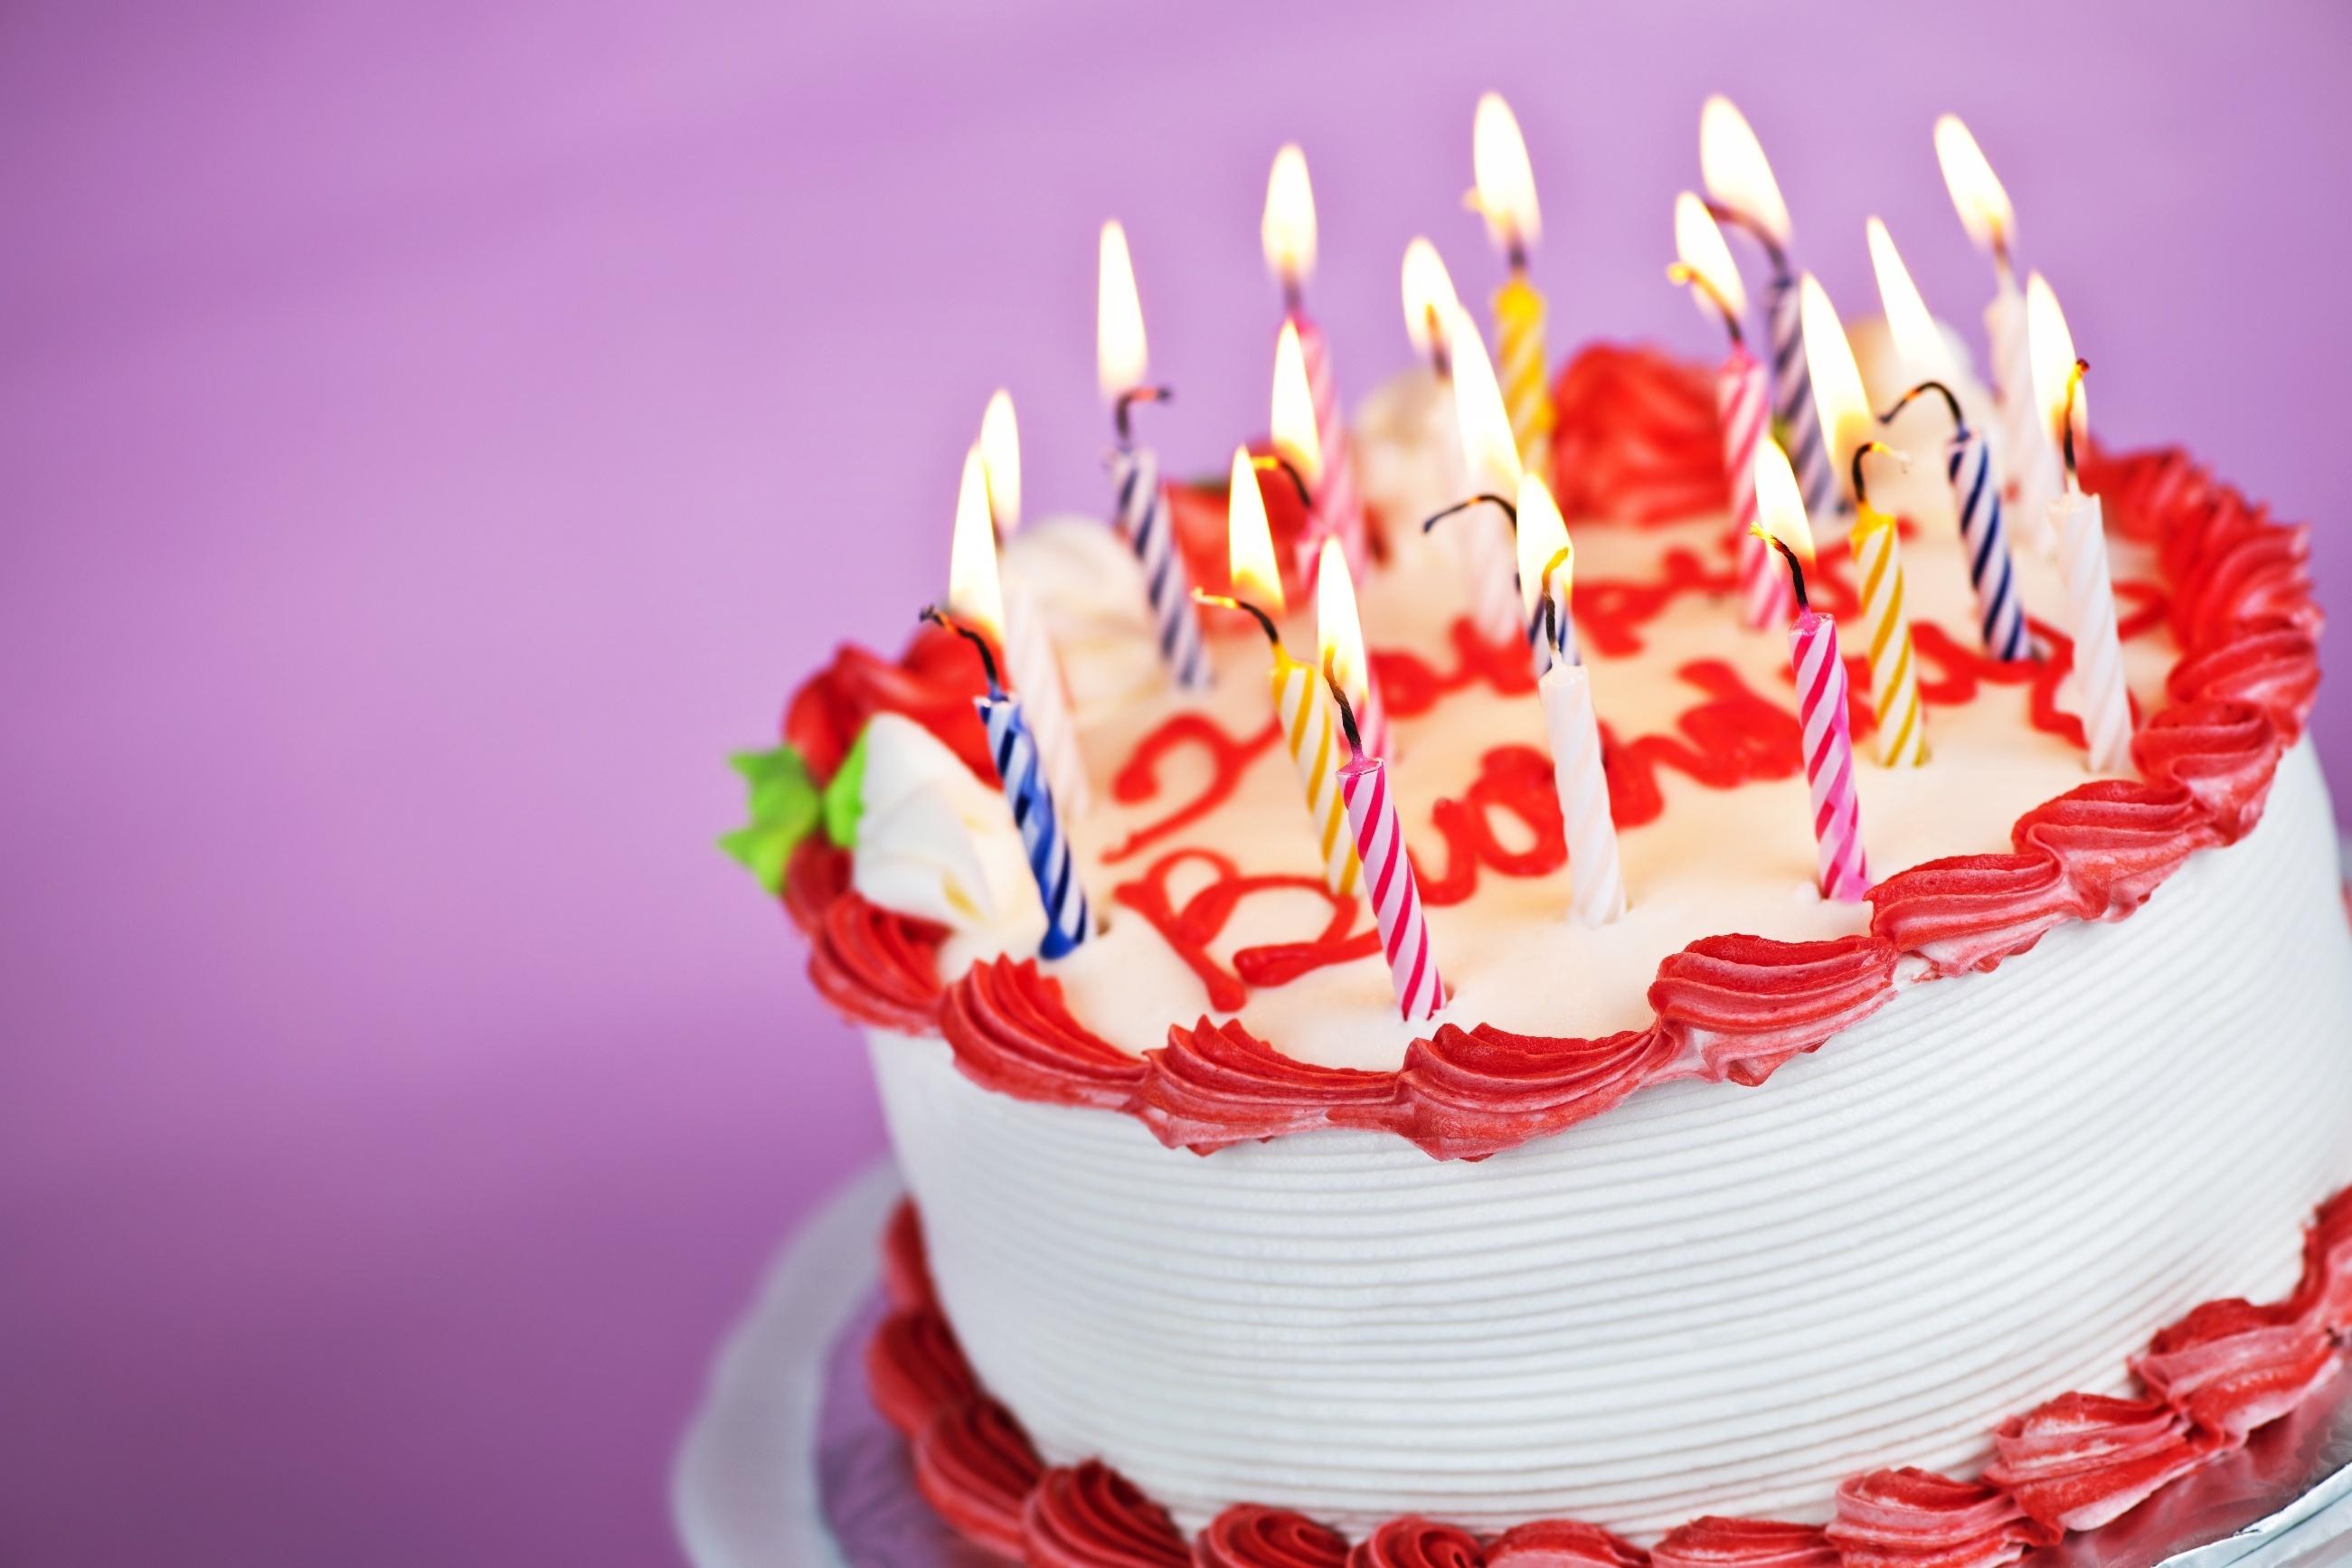 Открытках, поздравление торт картинки